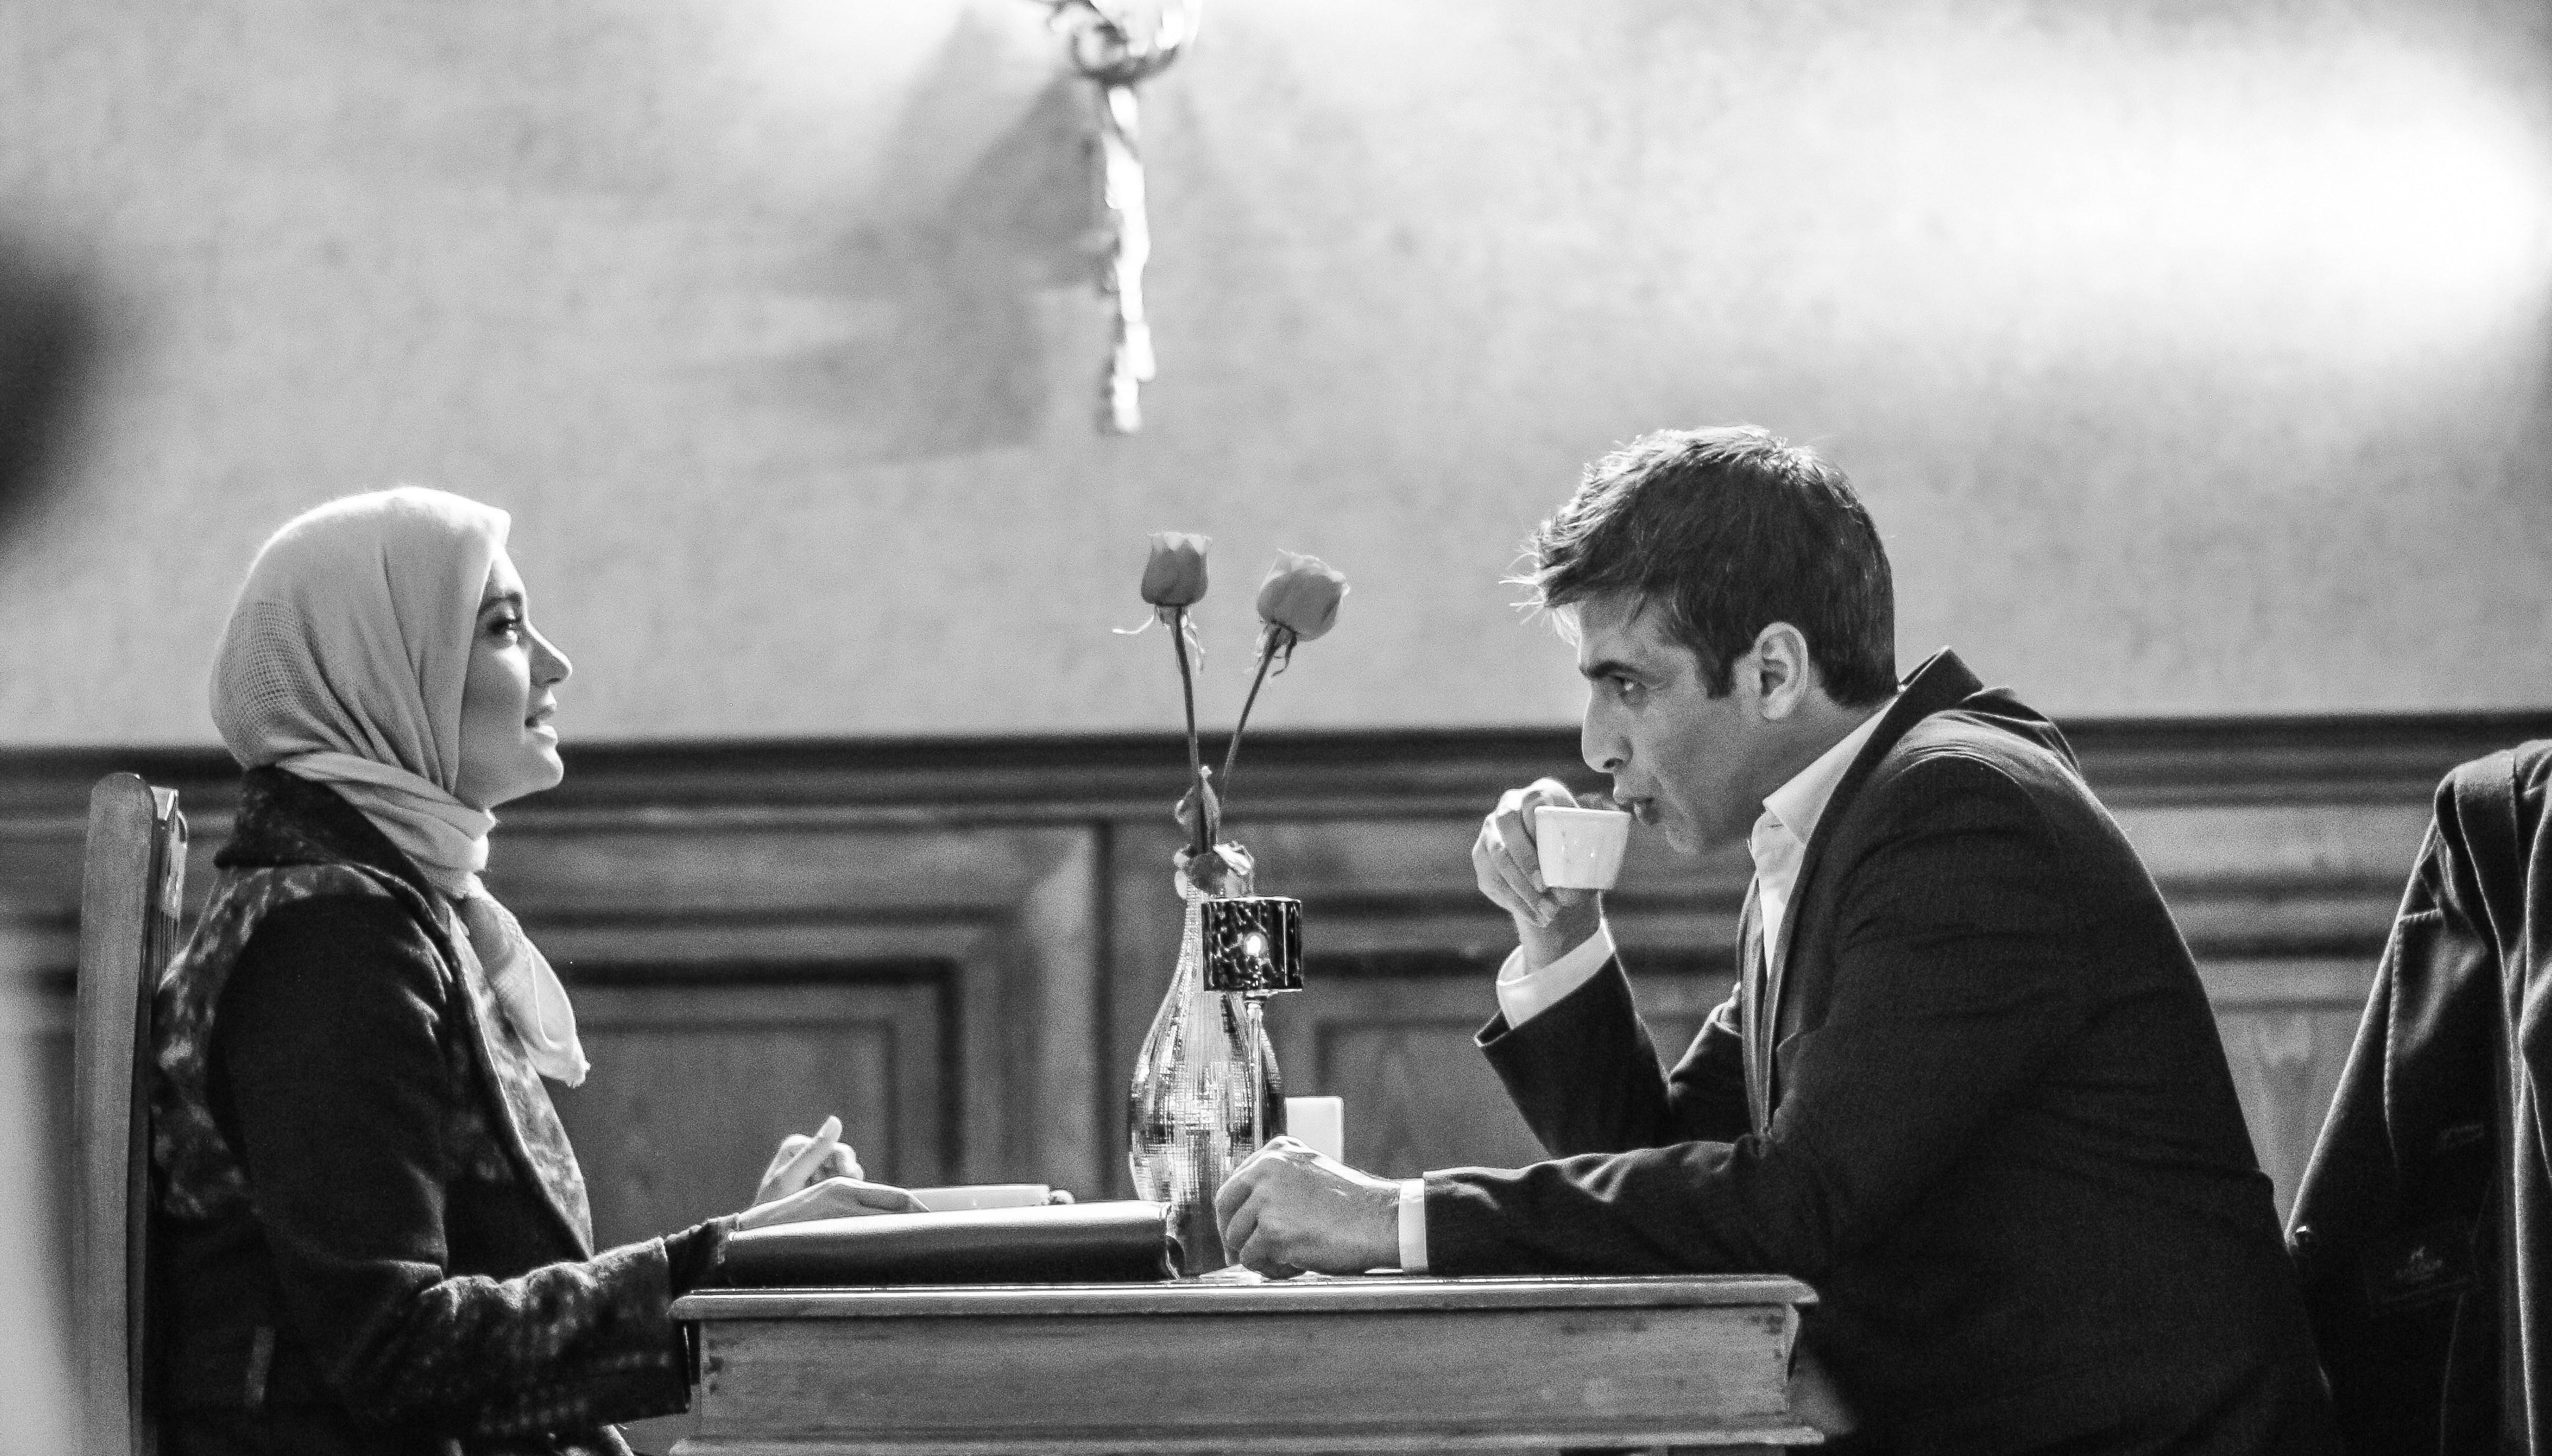 حمید گودرزی در صحنه سریال تلویزیونی بر سر دو راهی